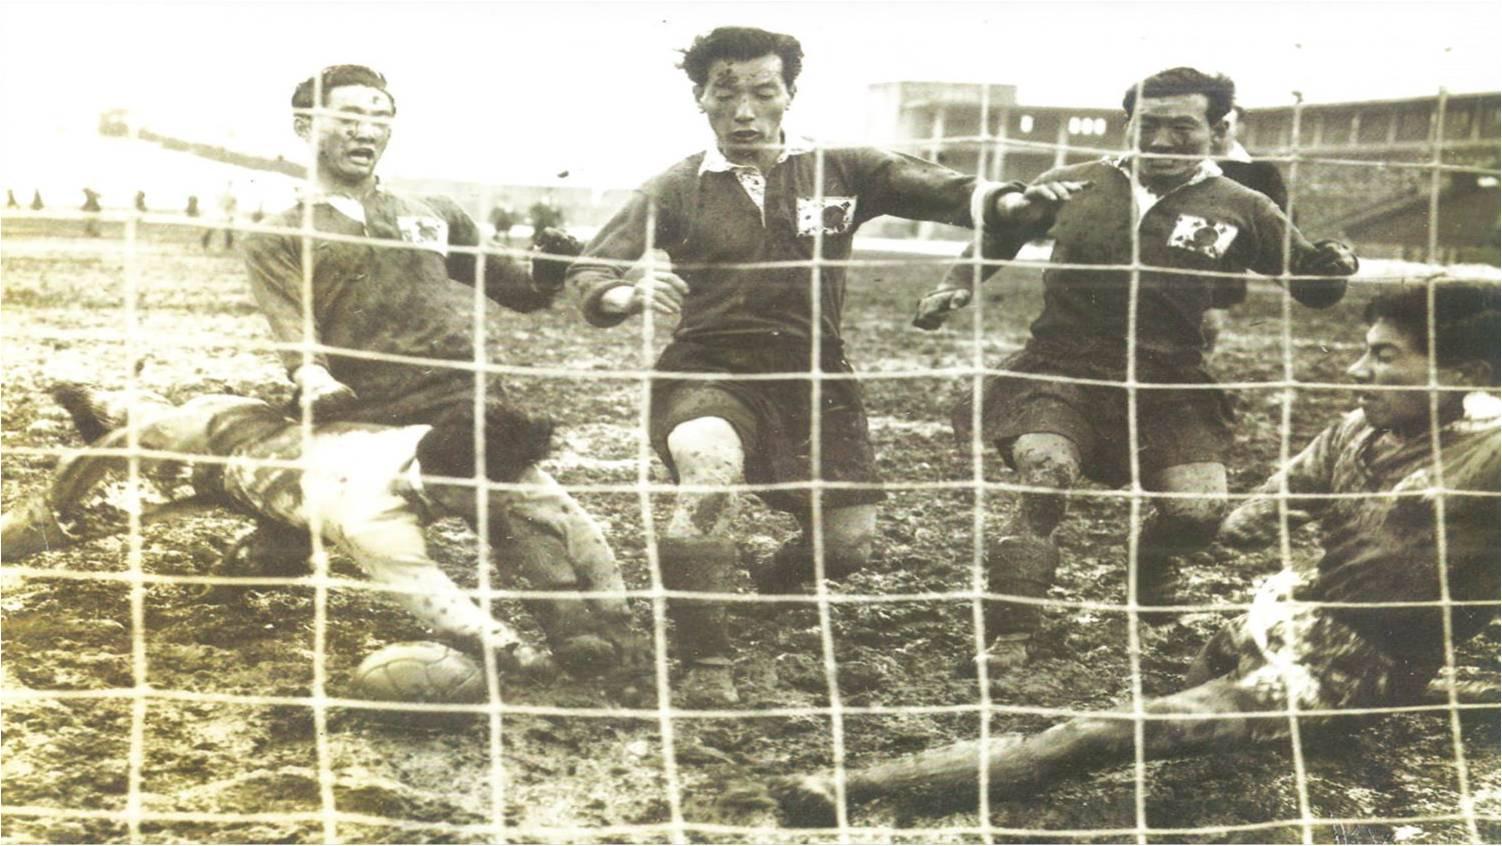 14일 광복 74주년을 맞아 경기 고양시에서 1954년 첫 한·일전 사진들이 전시됐다. 일본 도쿄 메이지신궁 경기장에서 최정민(왼쪽 둘째)이 일본 골키퍼와 수비수 사이를 뚫고 골을 터뜨리고 있다. 고양=변선구 기자